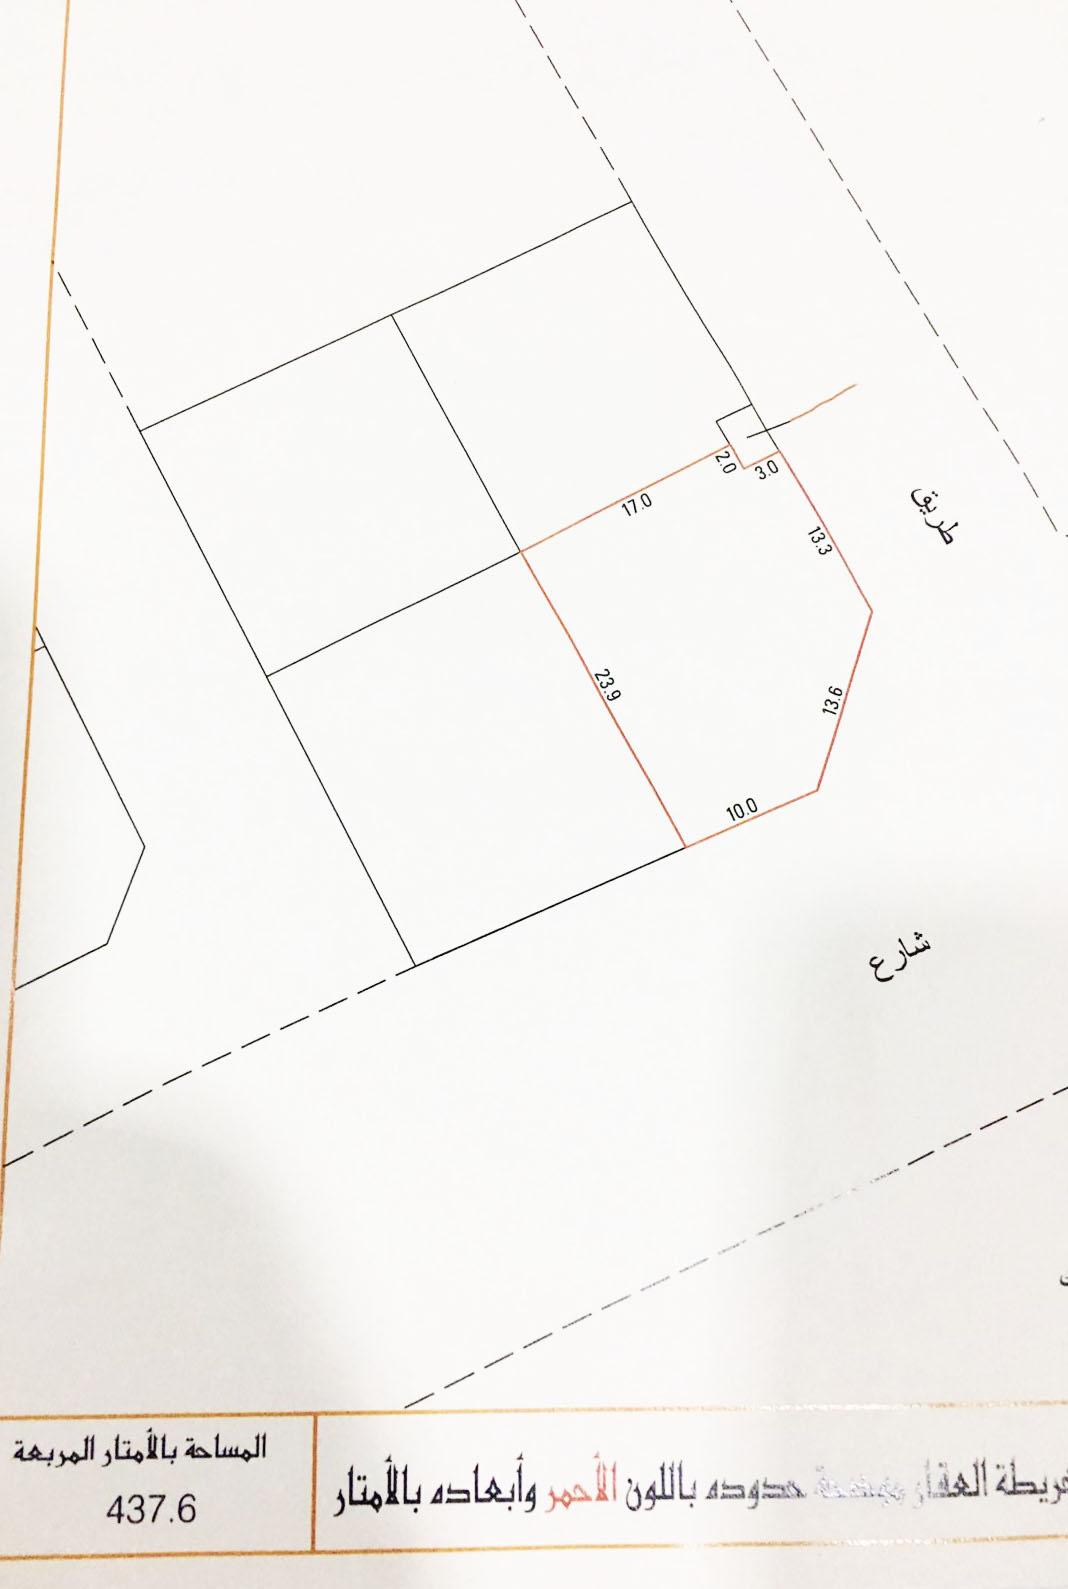 For sale residential investment land in Al Hajar. Ref: HJR-MH-001